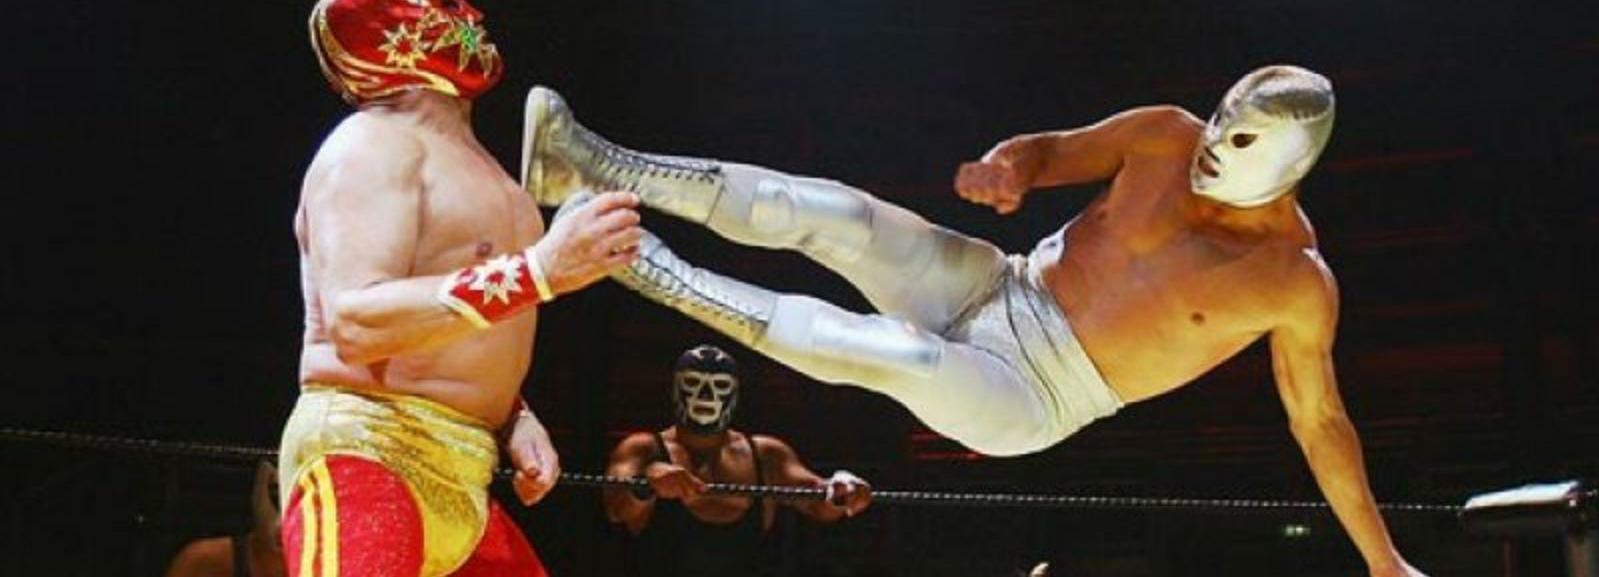 Mexiko-Stadt: Lucha Libre Wrestling Tour